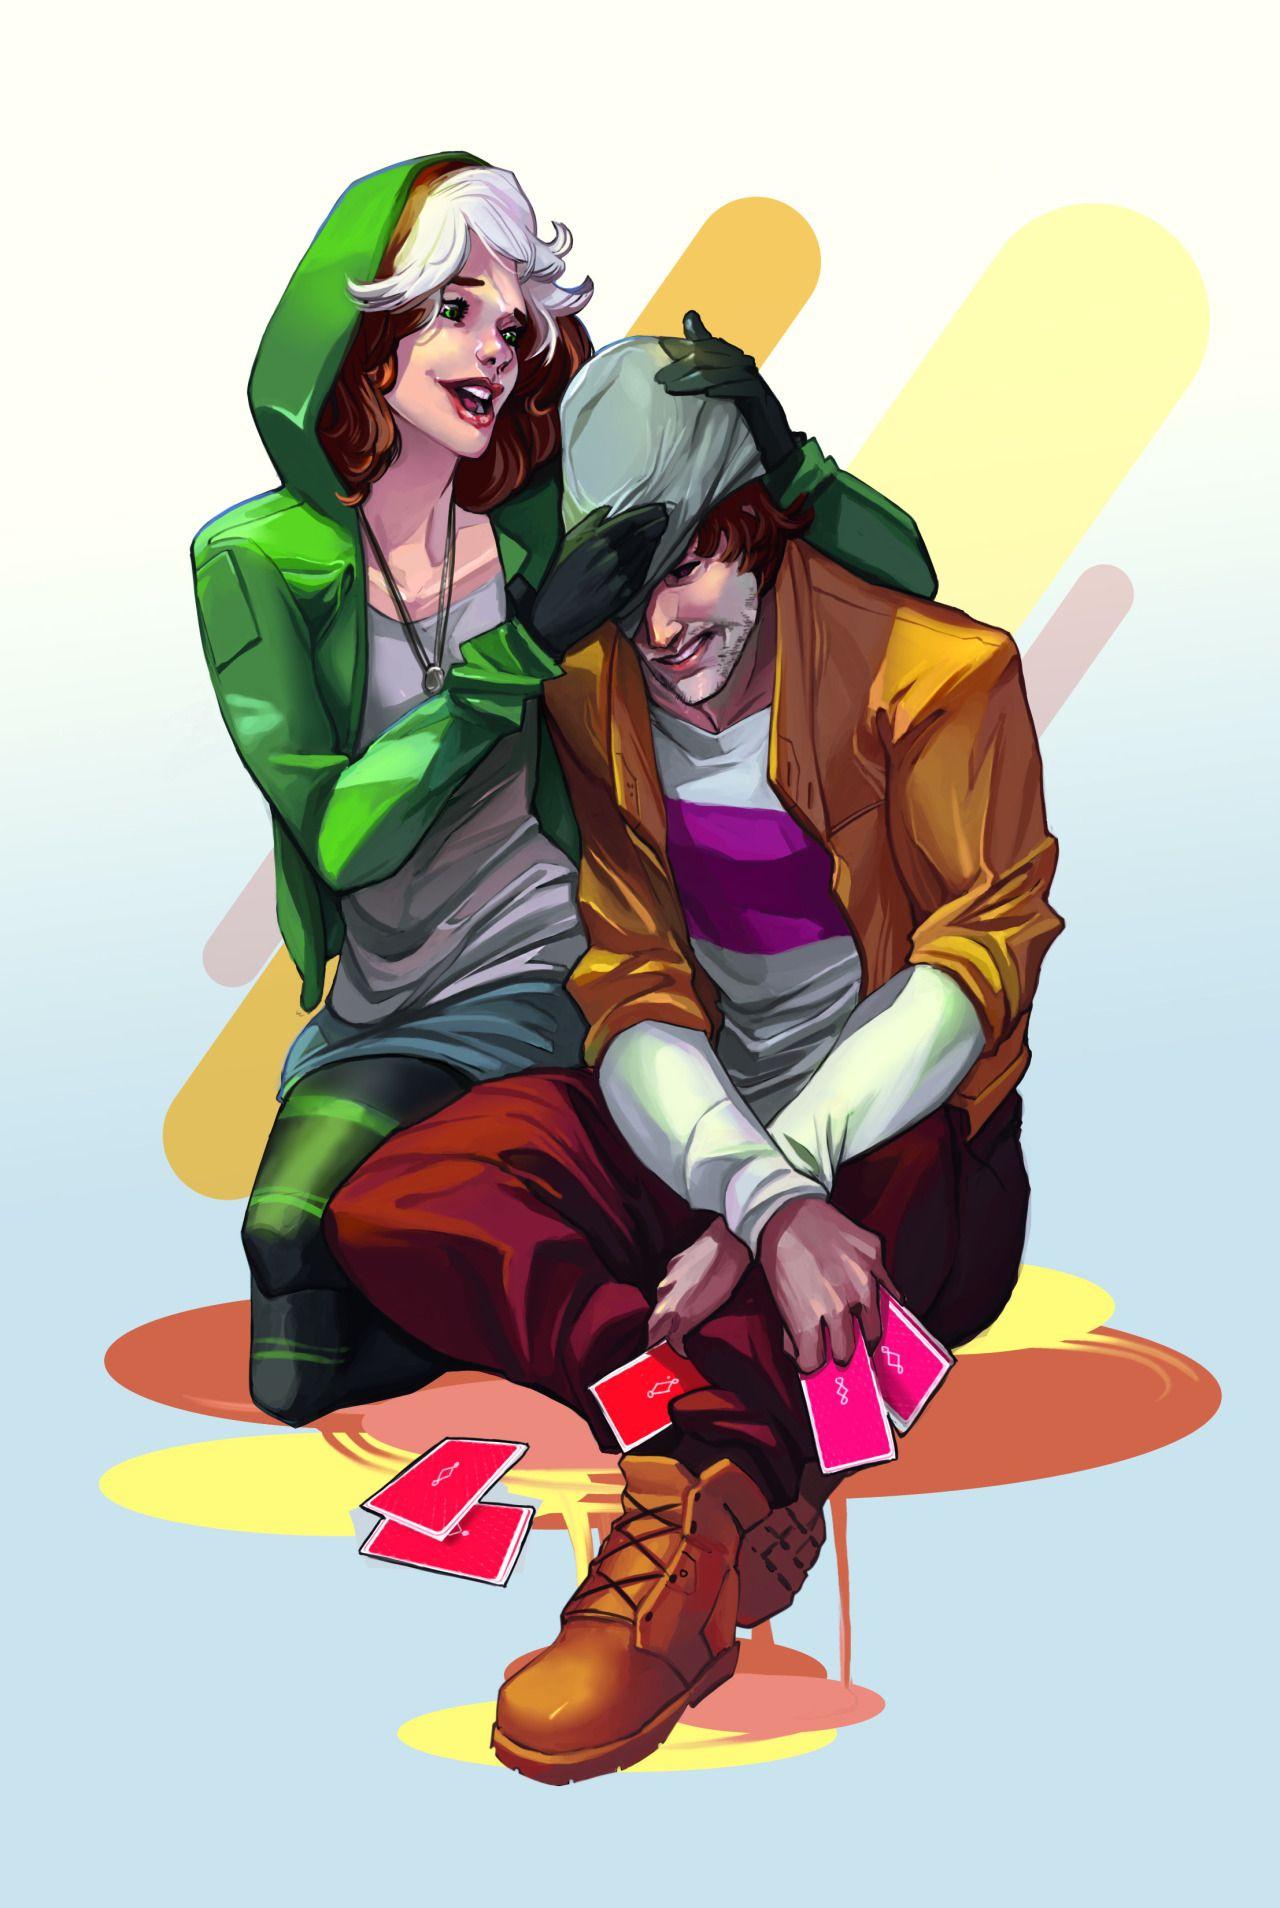 x-men rogue | Tumblr | Marvel | Uncanny avengers, X men, Rogues